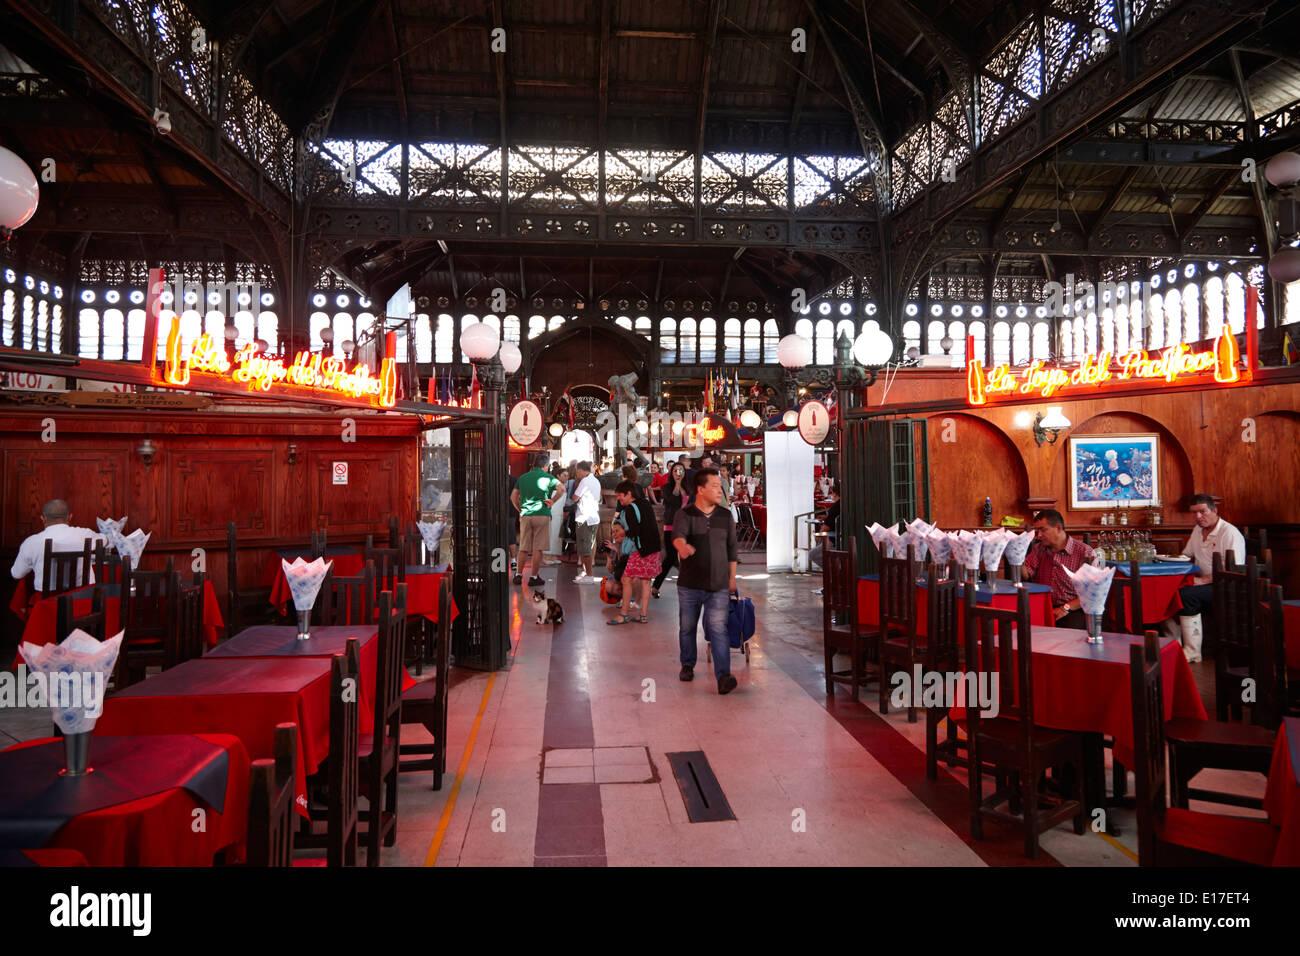 mercado central market Santiago Chile - Stock Image